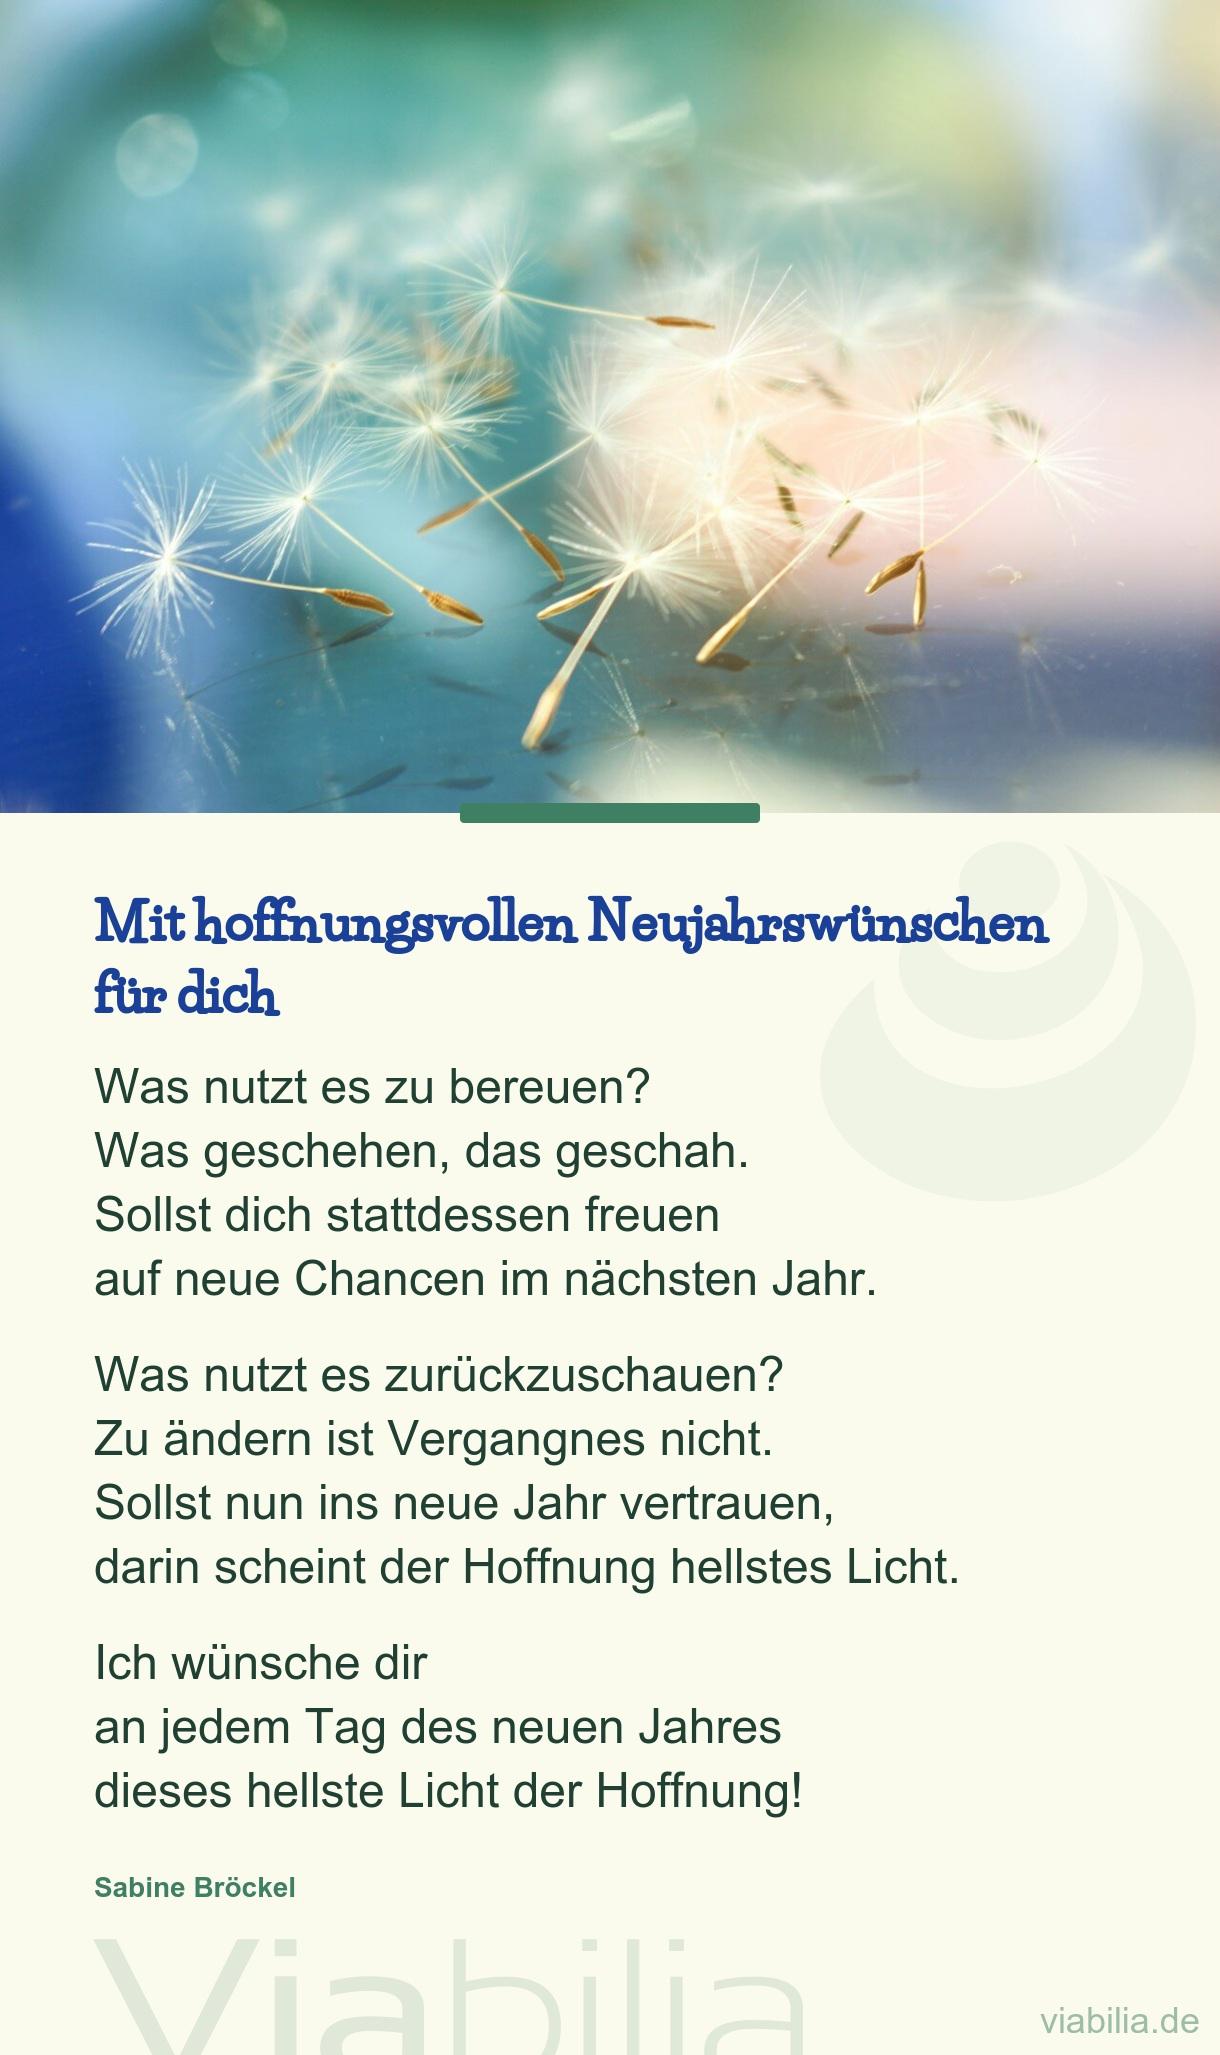 Mit Hoffnungsvollen Neujahrswünschen - Neujahrswunsch verwandt mit Neujahrsgedicht Kinder